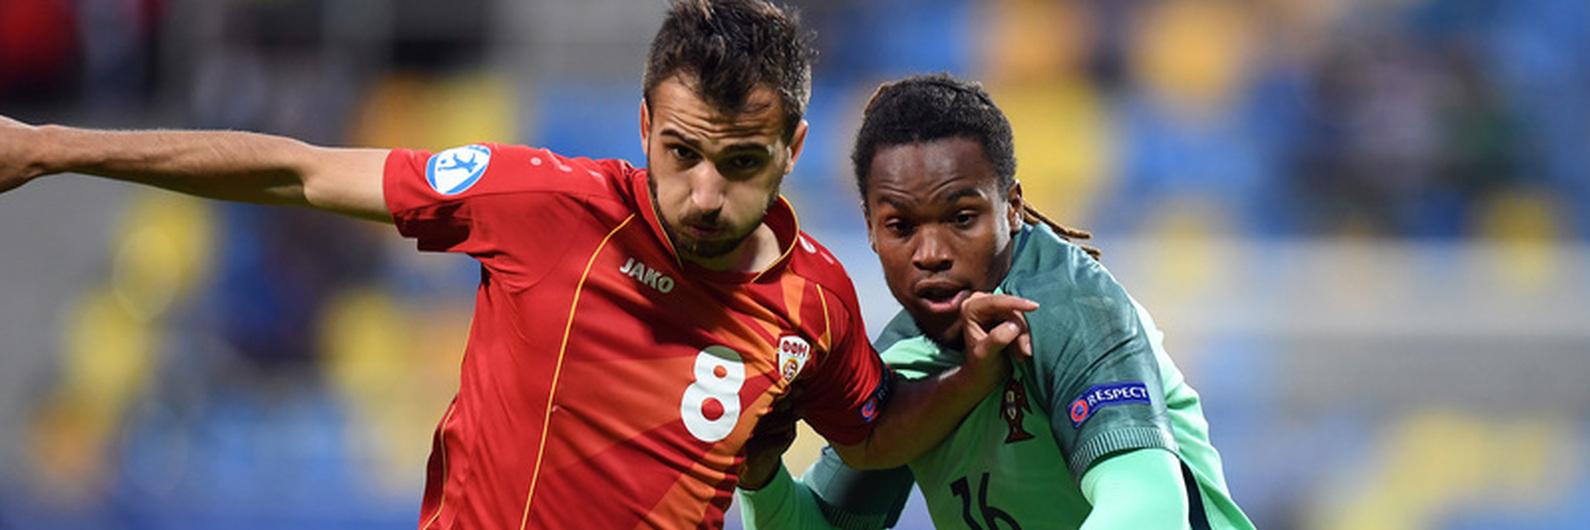 Vitória amarga: Portugal está fora do Euro de sub-21